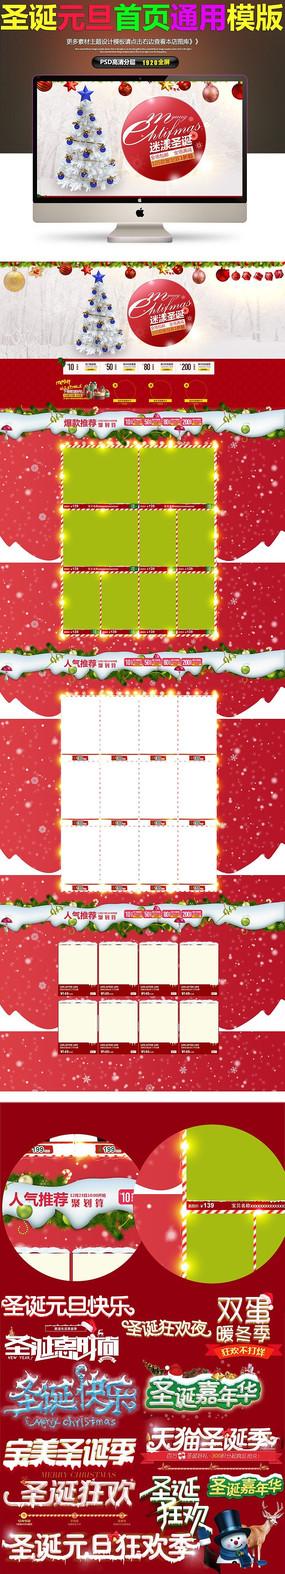 圣诞节淘宝圣诞通用首页海报模板